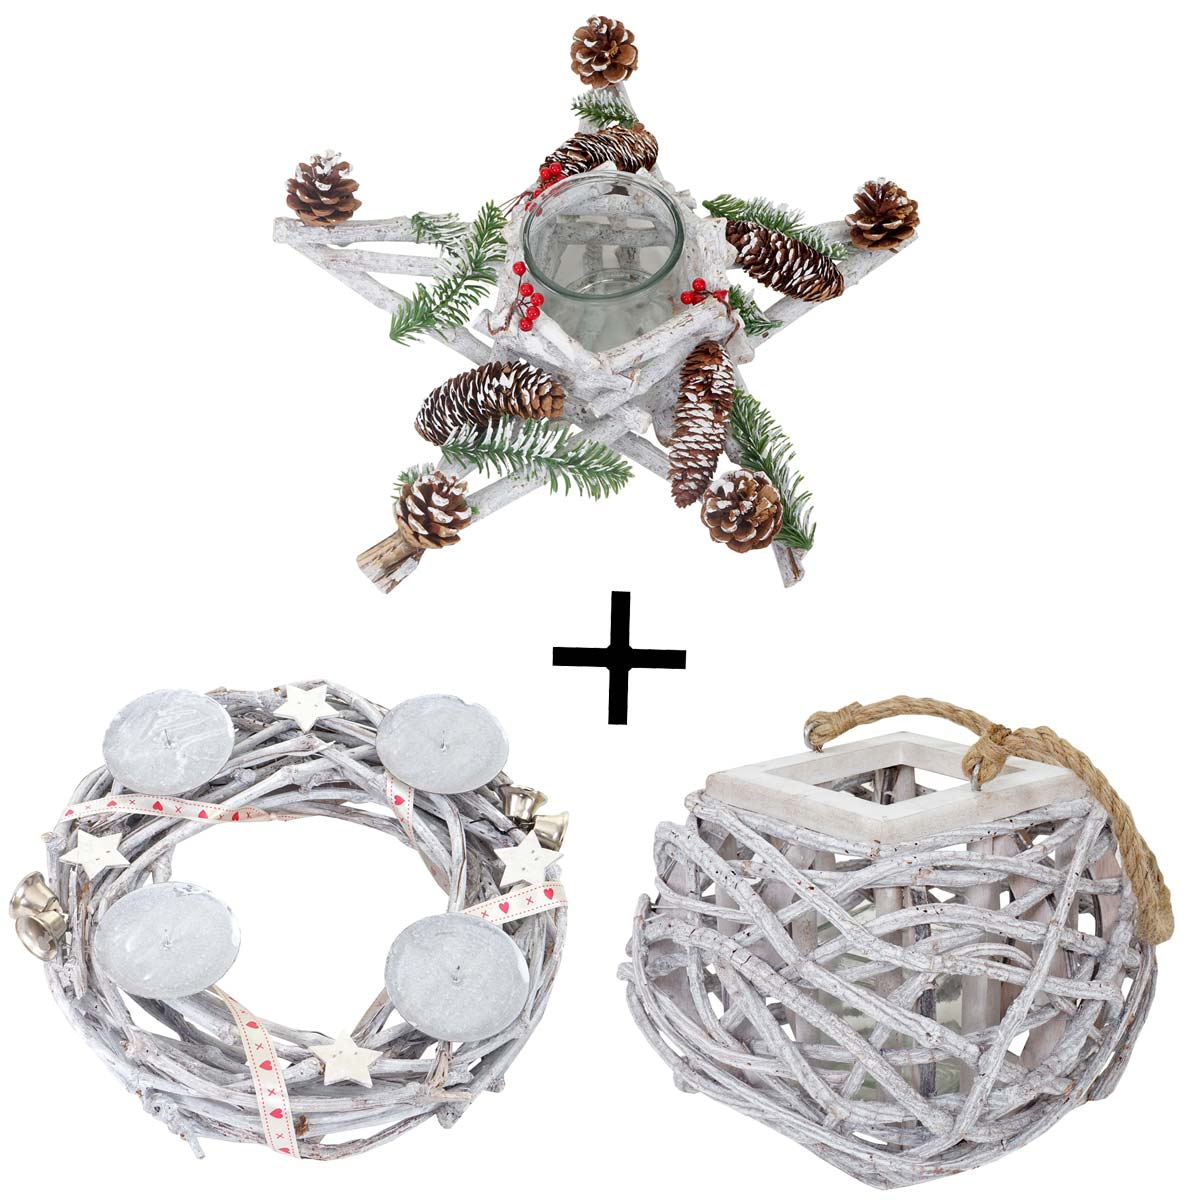 Mendler 3er Set Adventskranz + Windlicht + Gesteck, Weihnachtsdeko Tischkranz Stern mit Glaseinsatz ~ Varian 51908+51911+51910